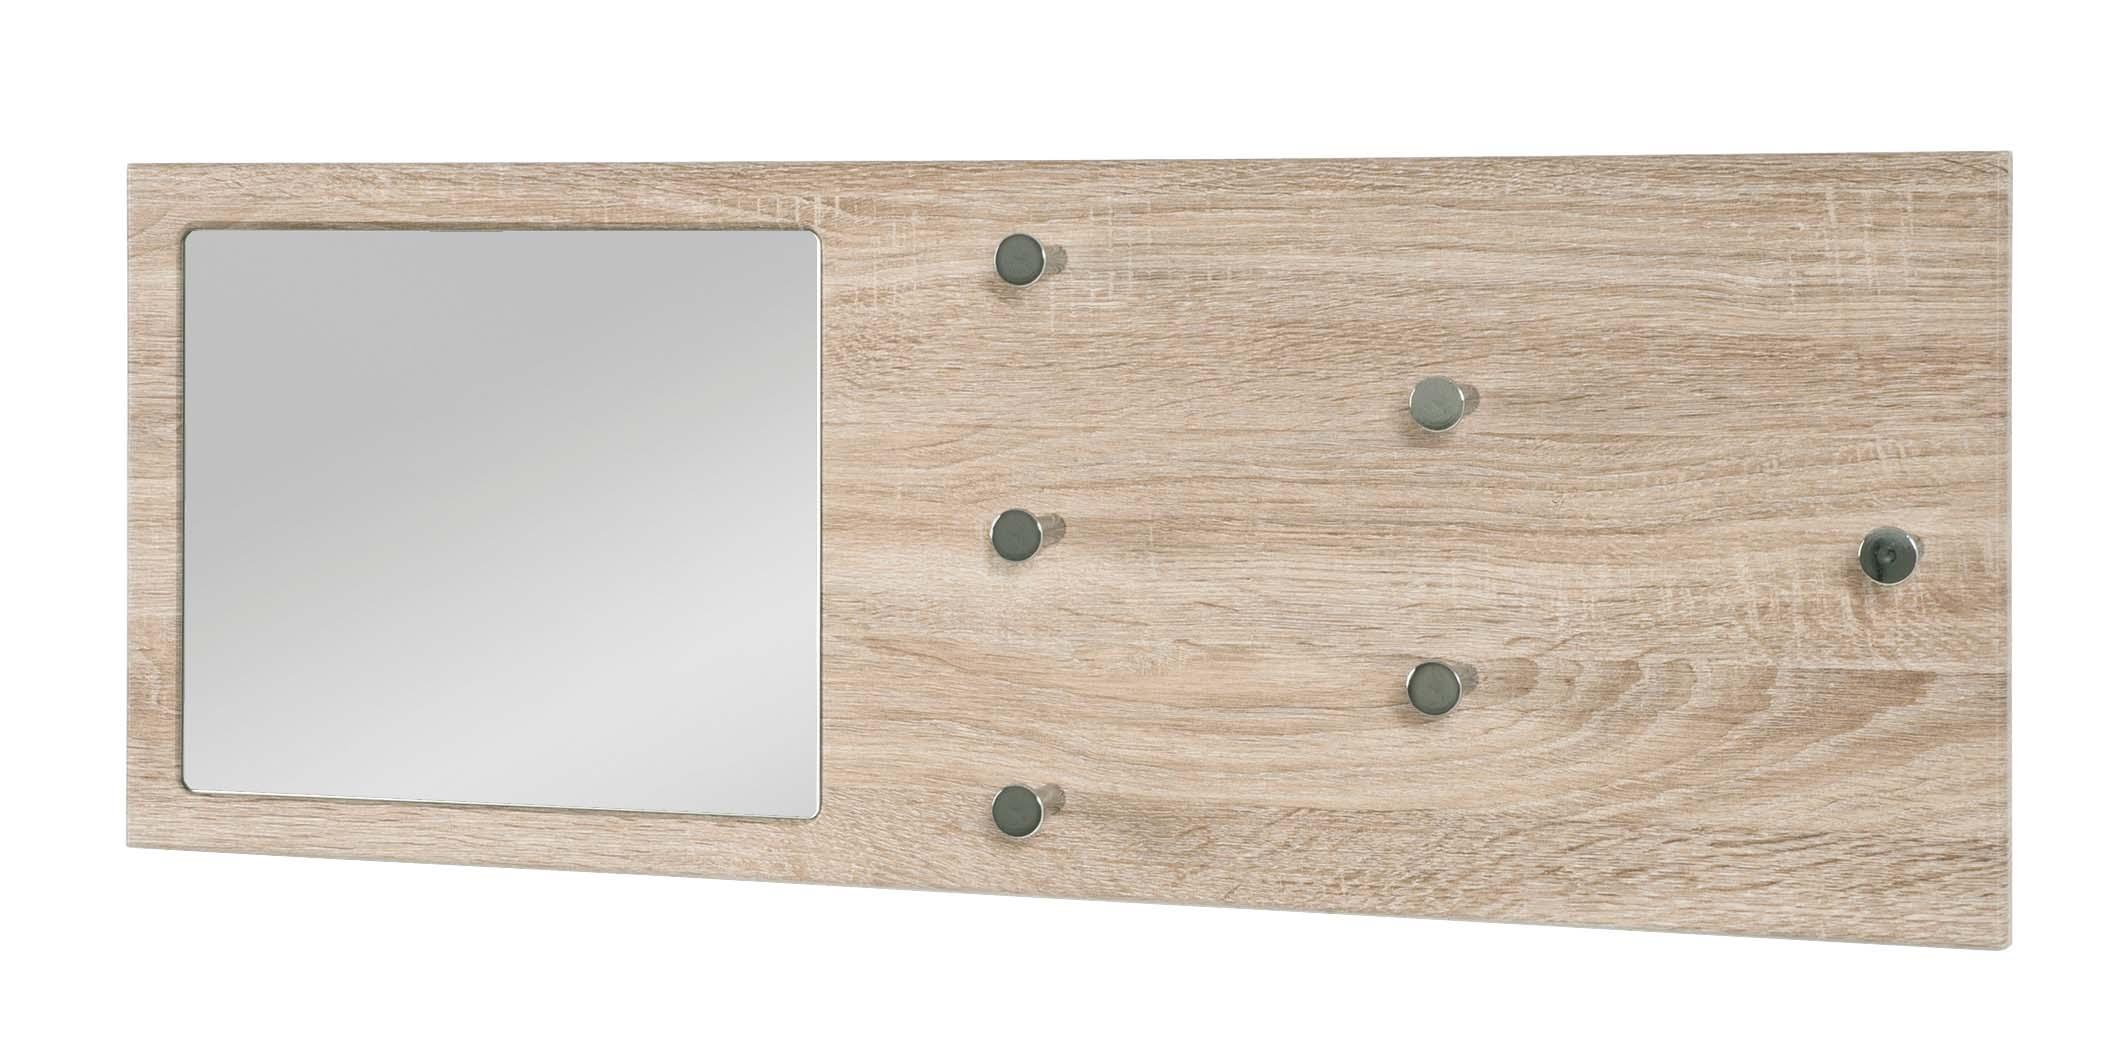 wandgarderobe garderobenpaneel garderobe mit spiegel h nge weiss eiche tr ffel ebay. Black Bedroom Furniture Sets. Home Design Ideas